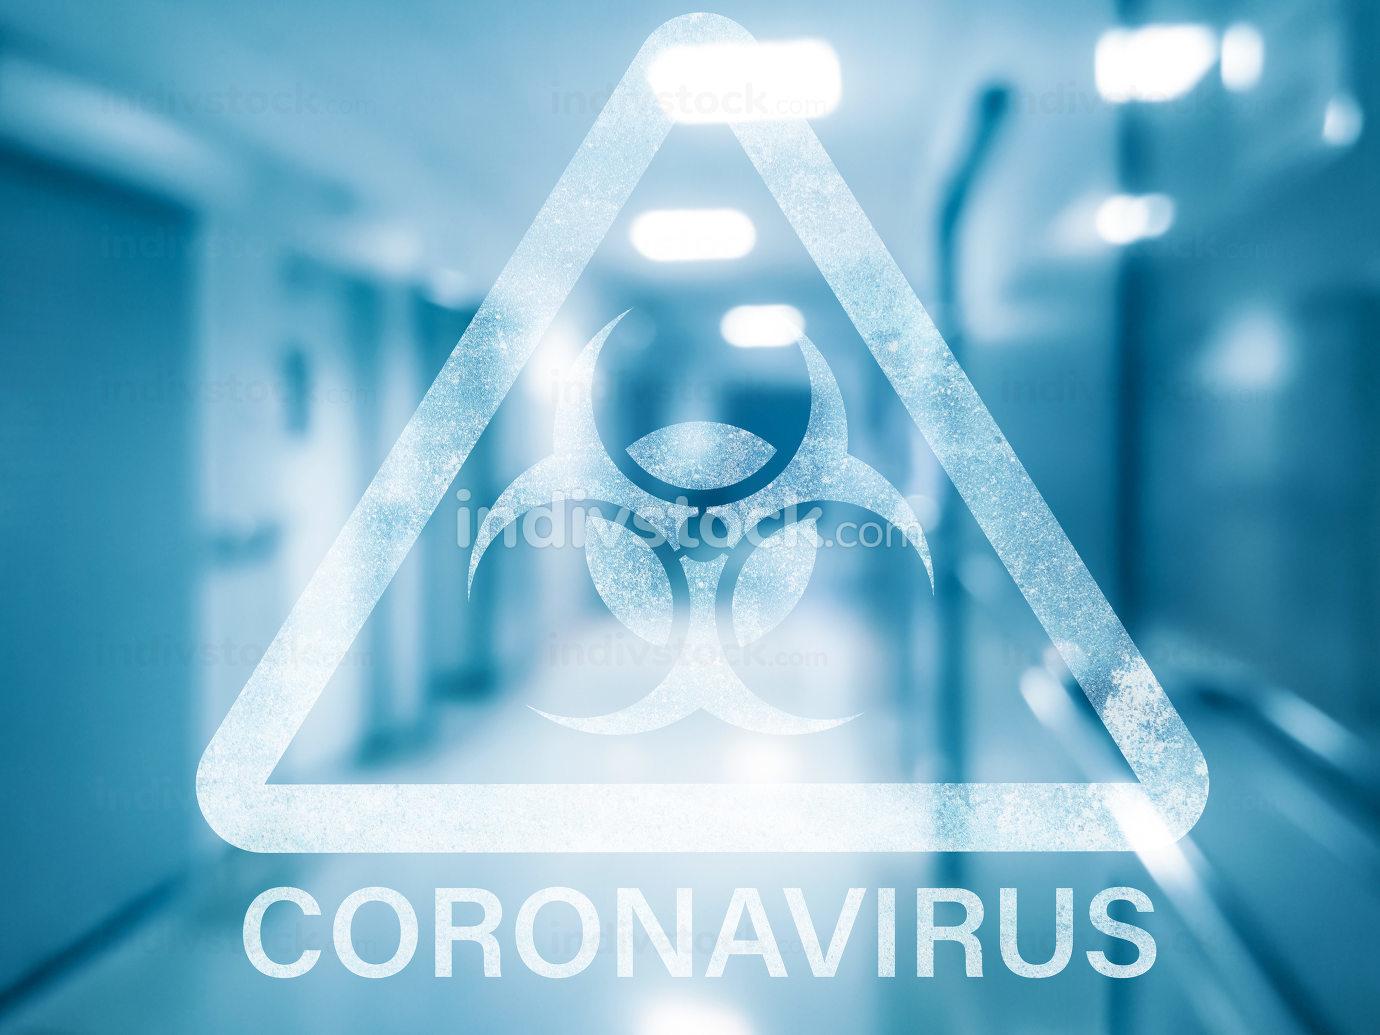 Coronavirus dangerous sign